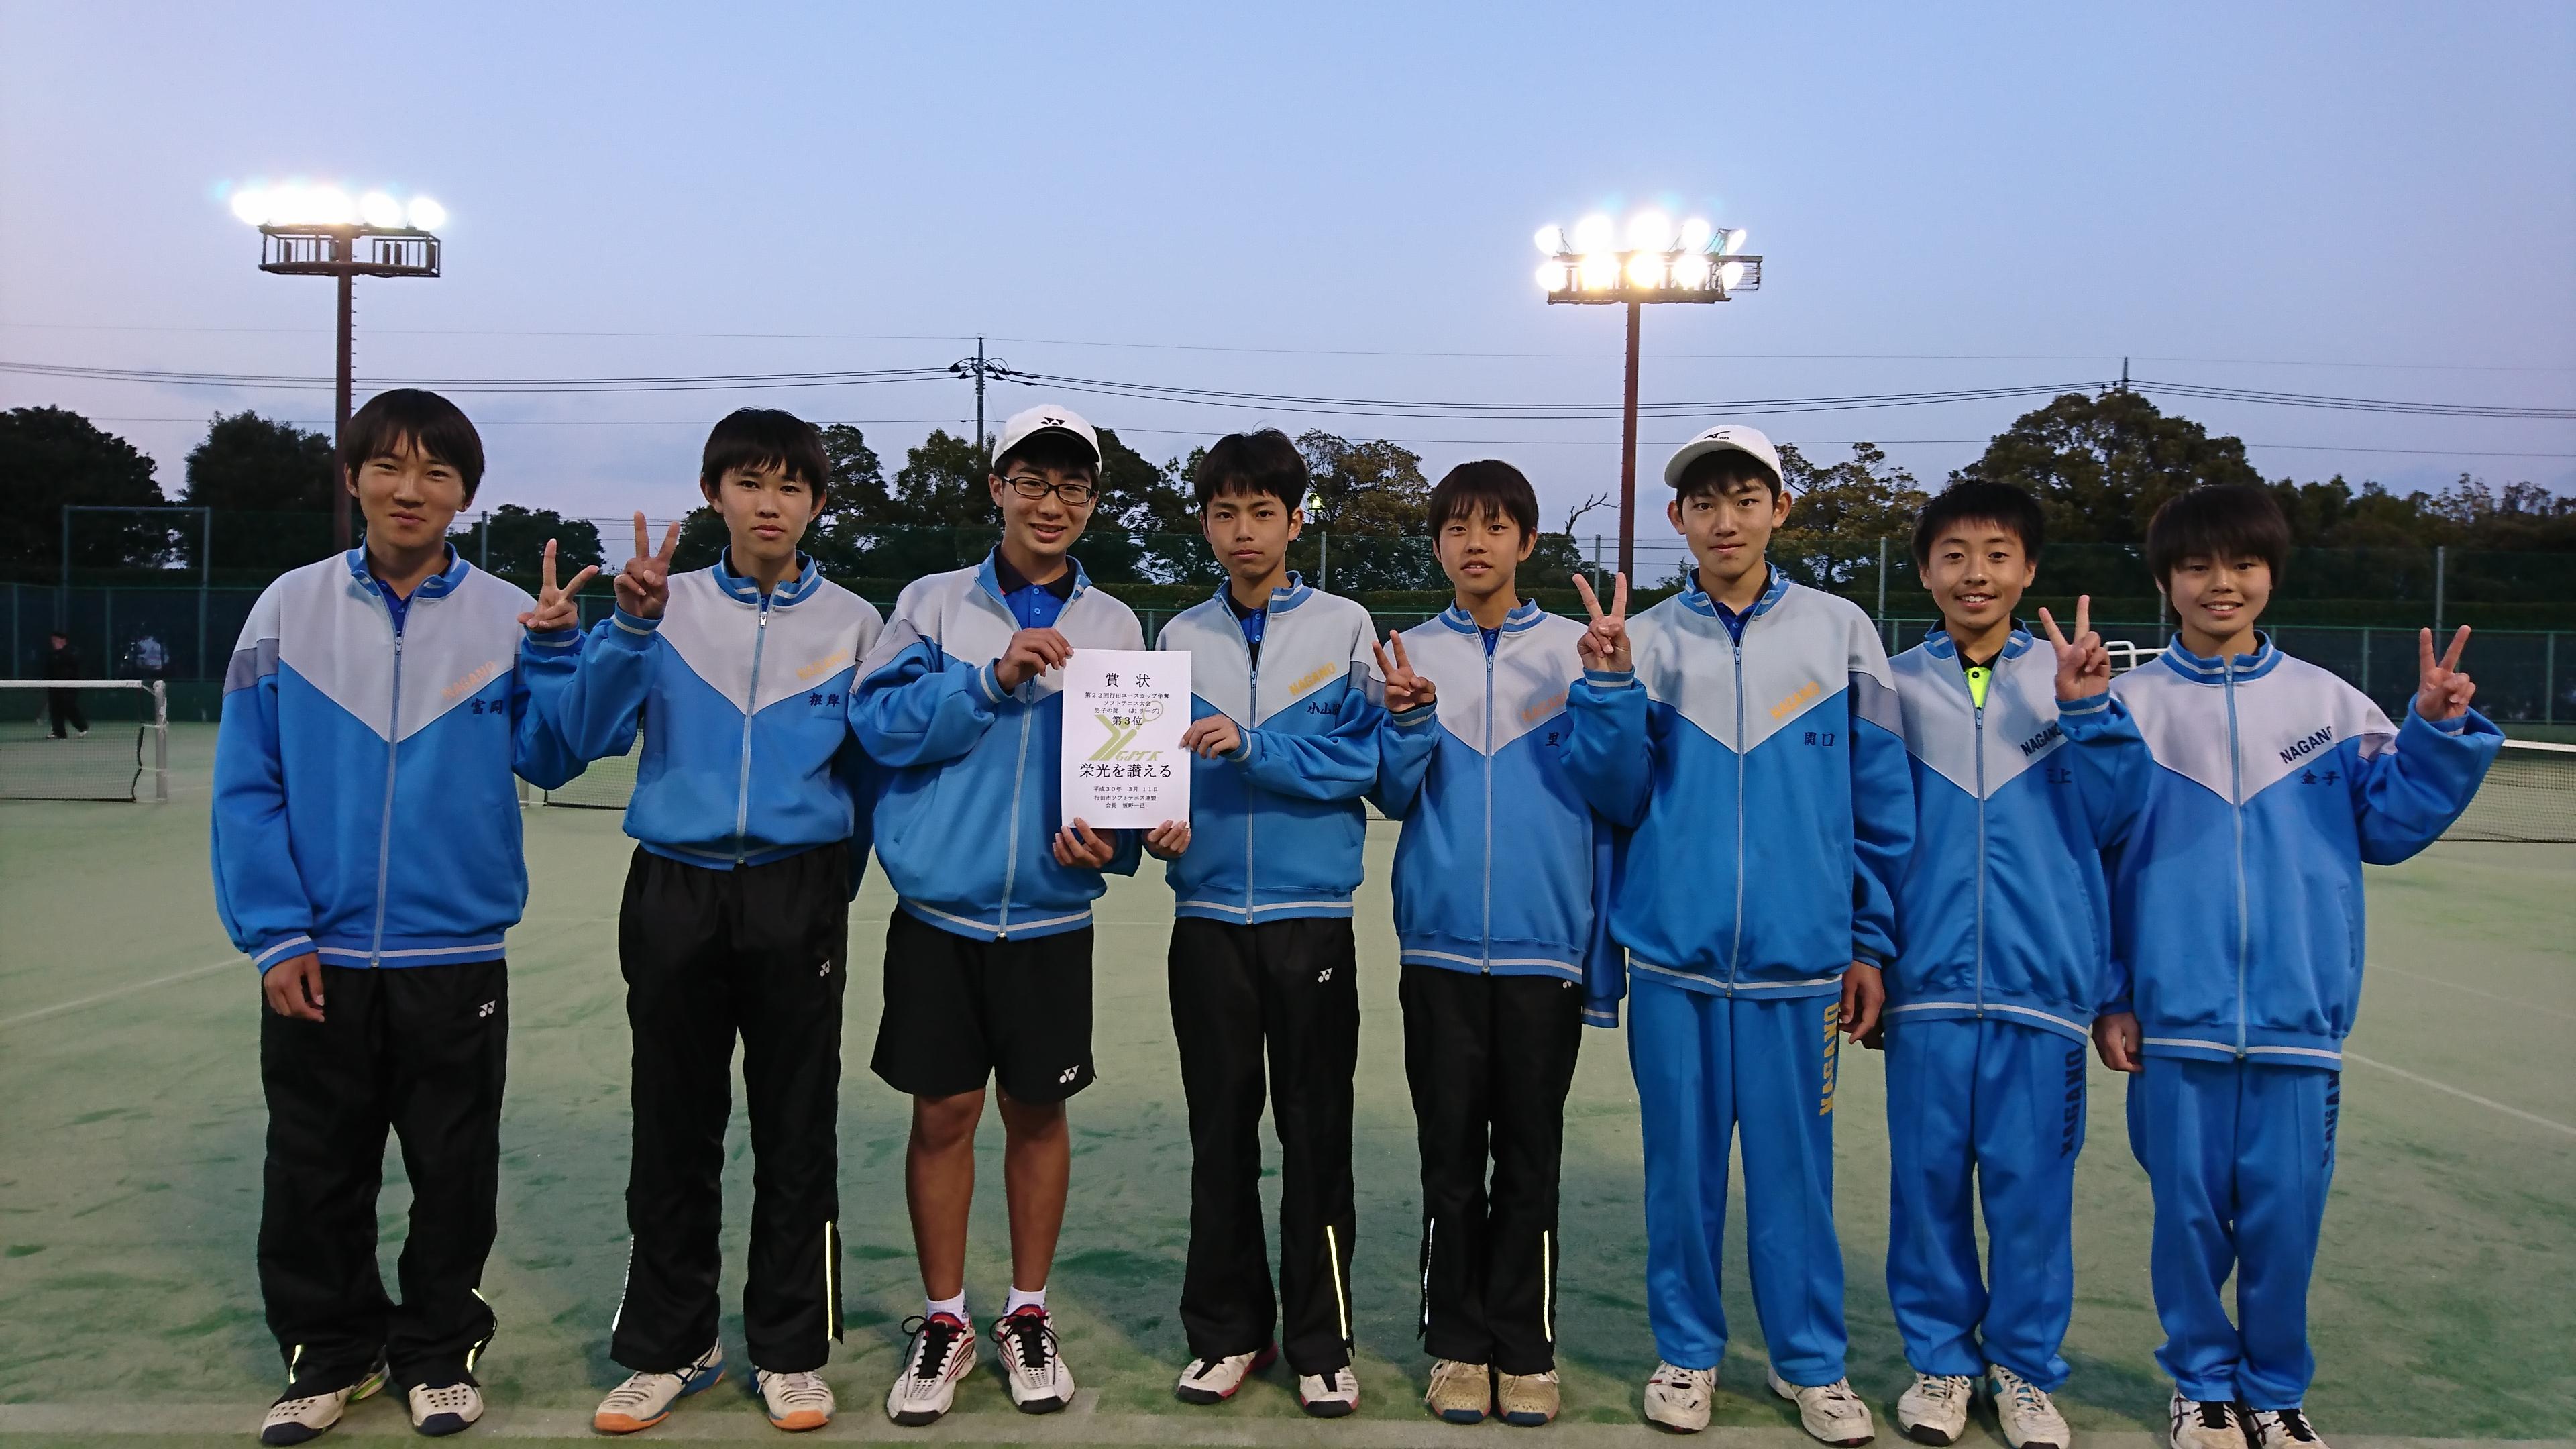 ソフトテニス 長野 連盟 県